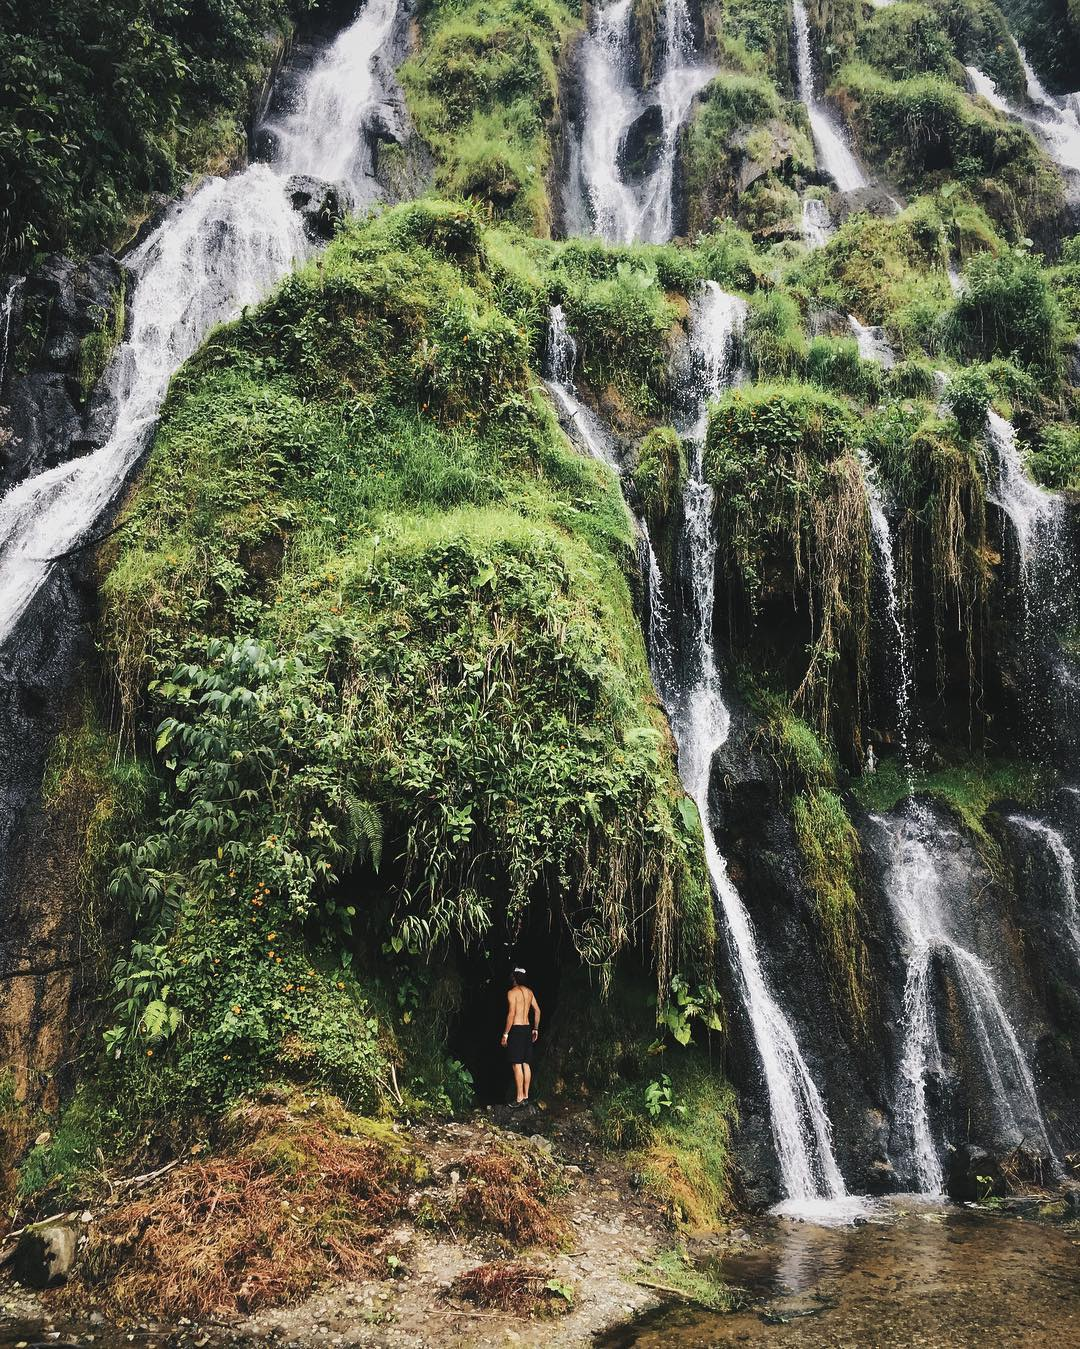 Aguas Termales outside of Santa Rosa de Cabal